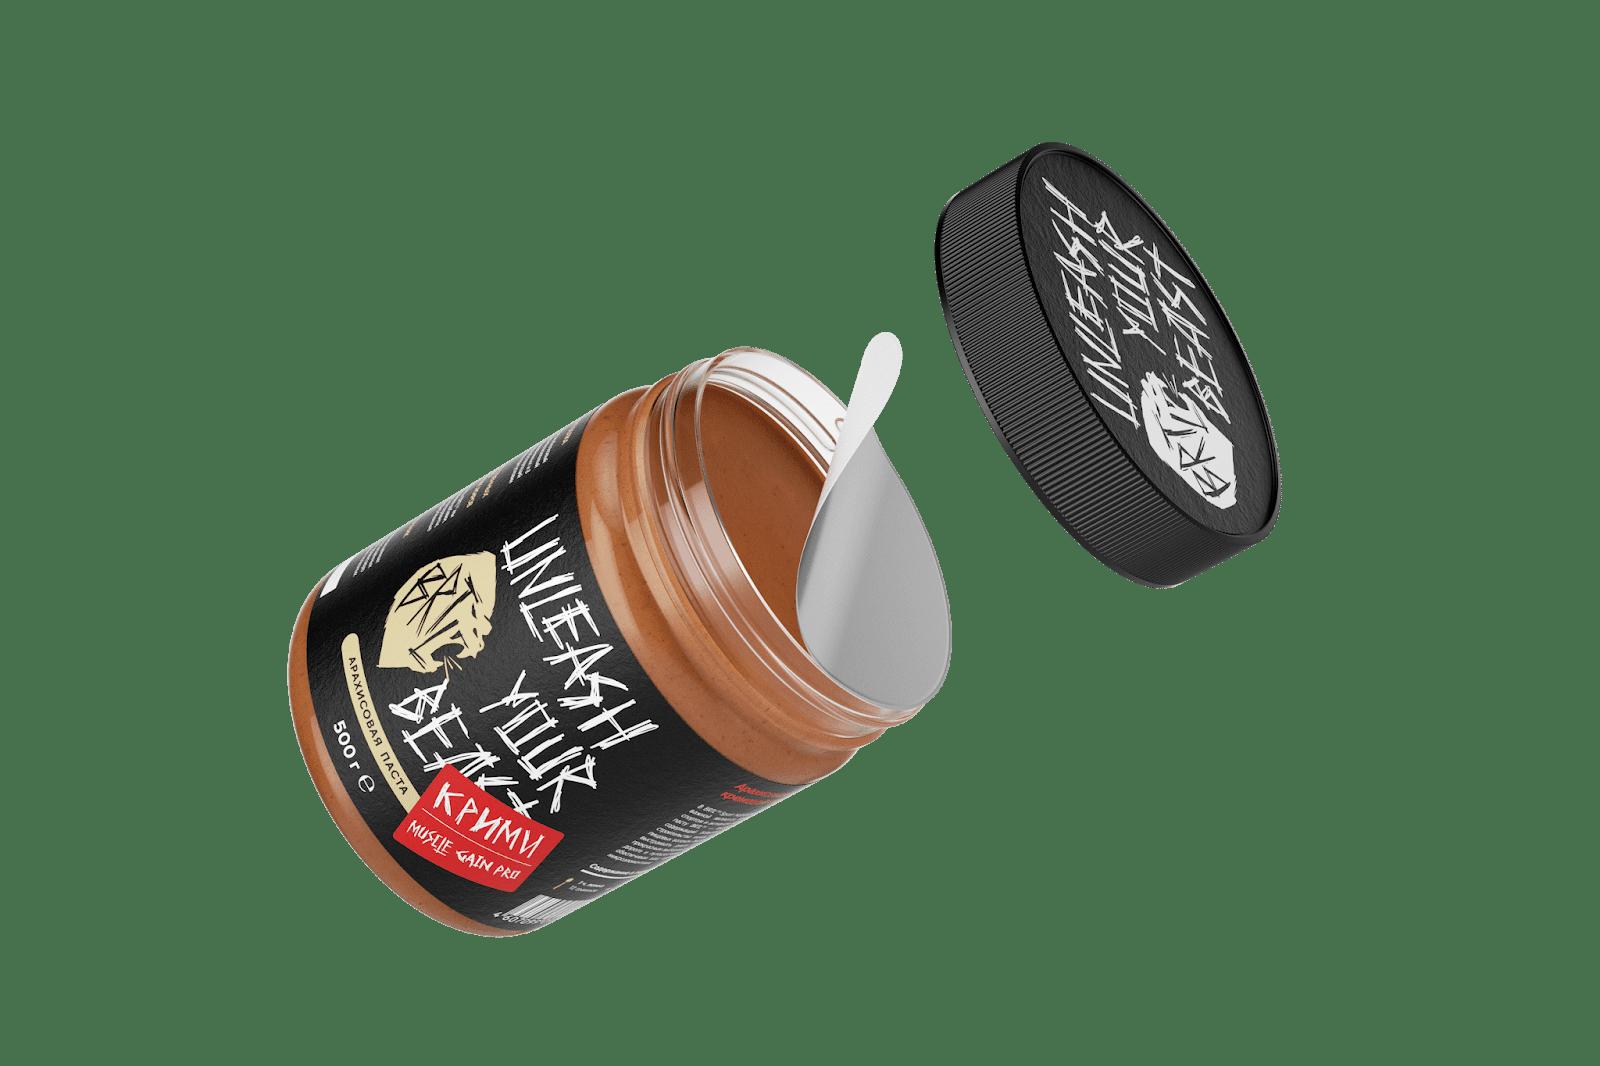 BRTL 1 - Ach, tie obaly – BRTL by Brutal